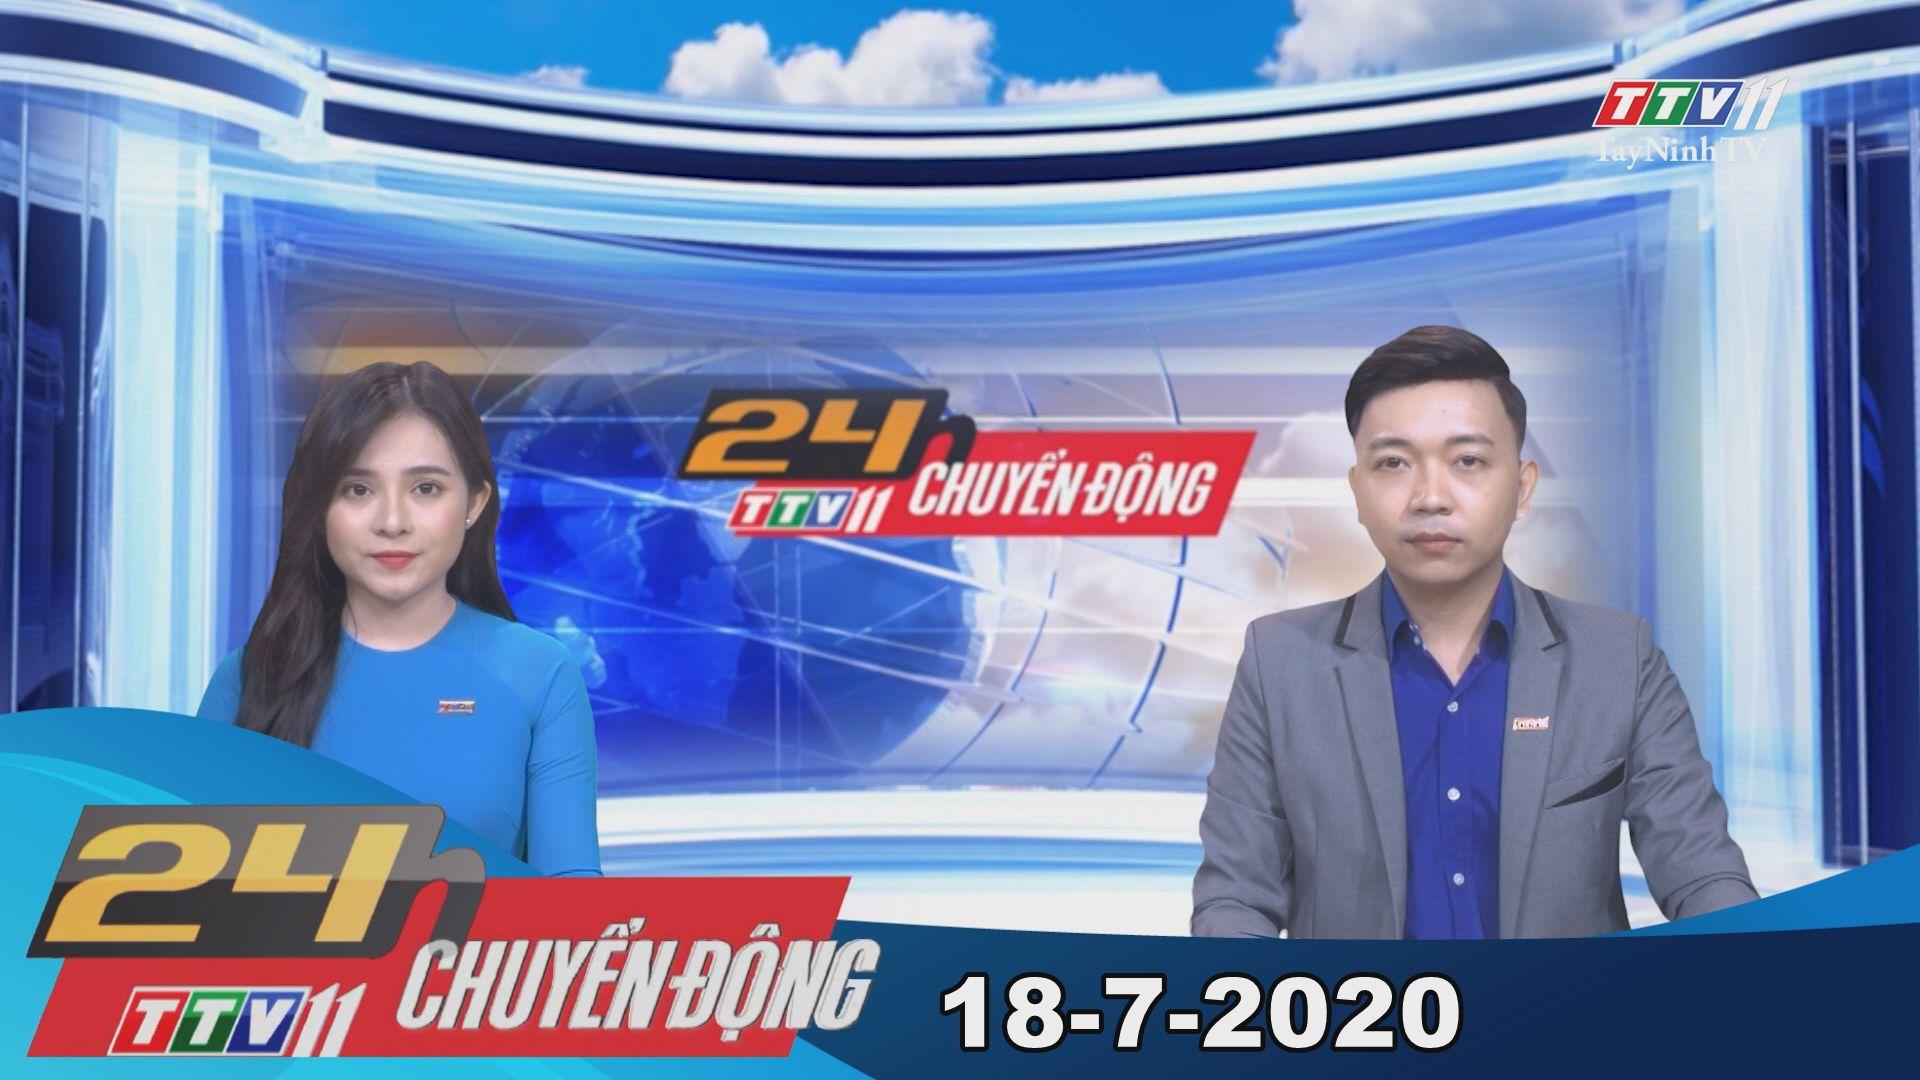 24h Chuyển động 18-7-2020 | Tin tức hôm nay | TayNinhTV